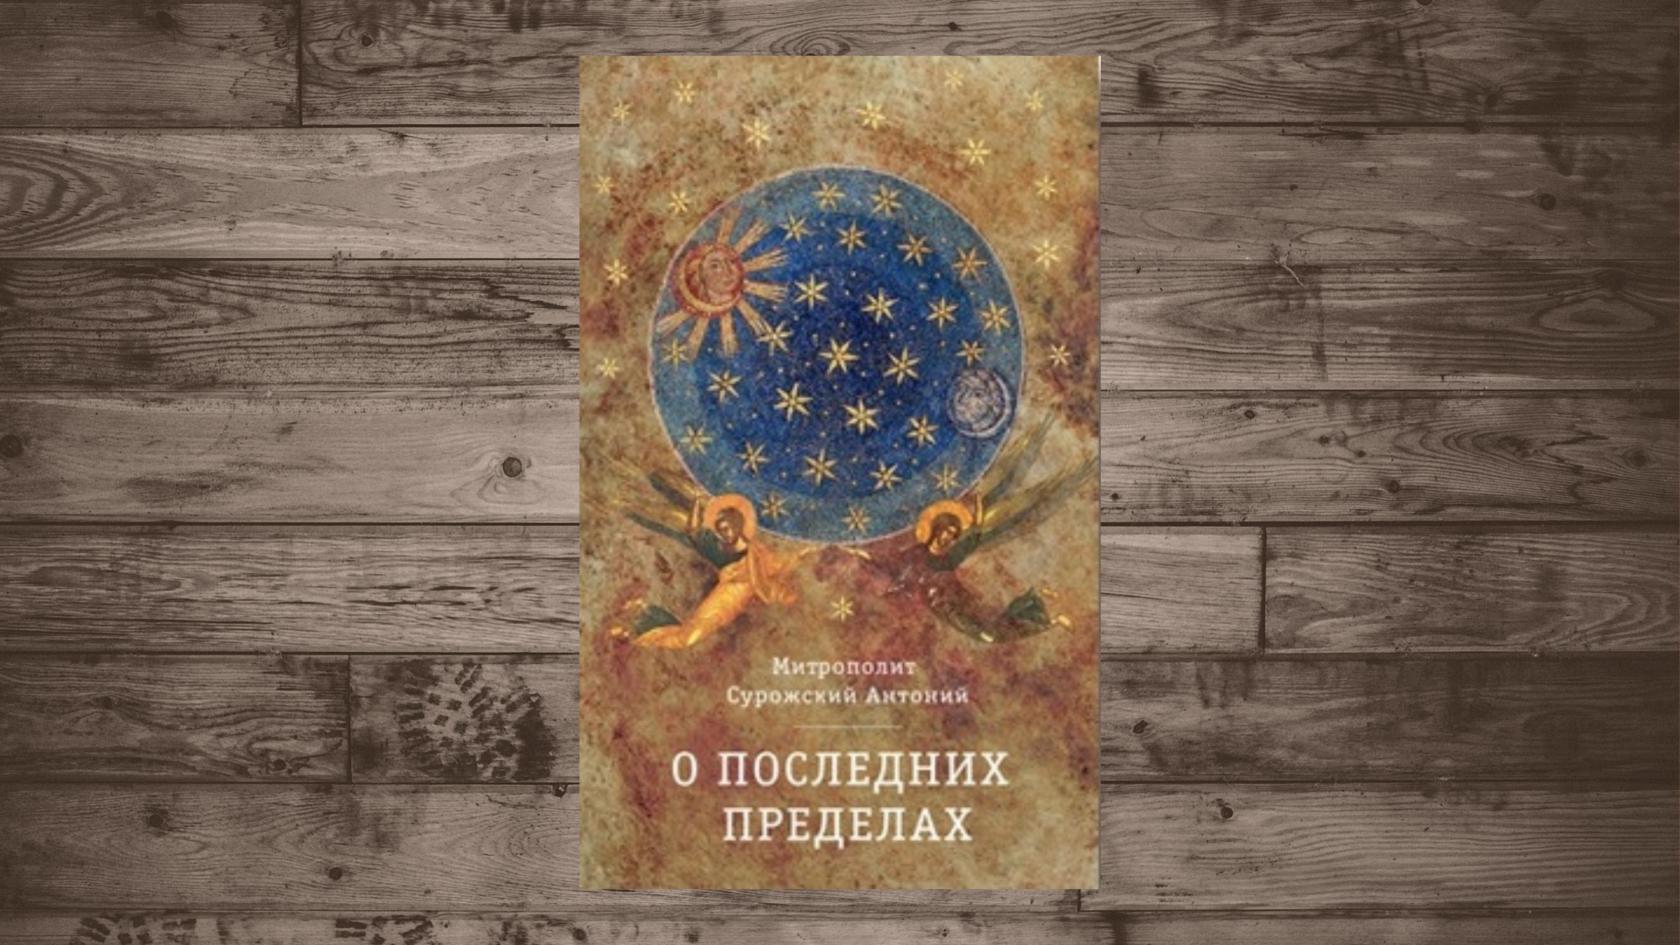 Купить Митрополит Сурожский Антоний «О Последних пределах»  978-5-906456-38-0